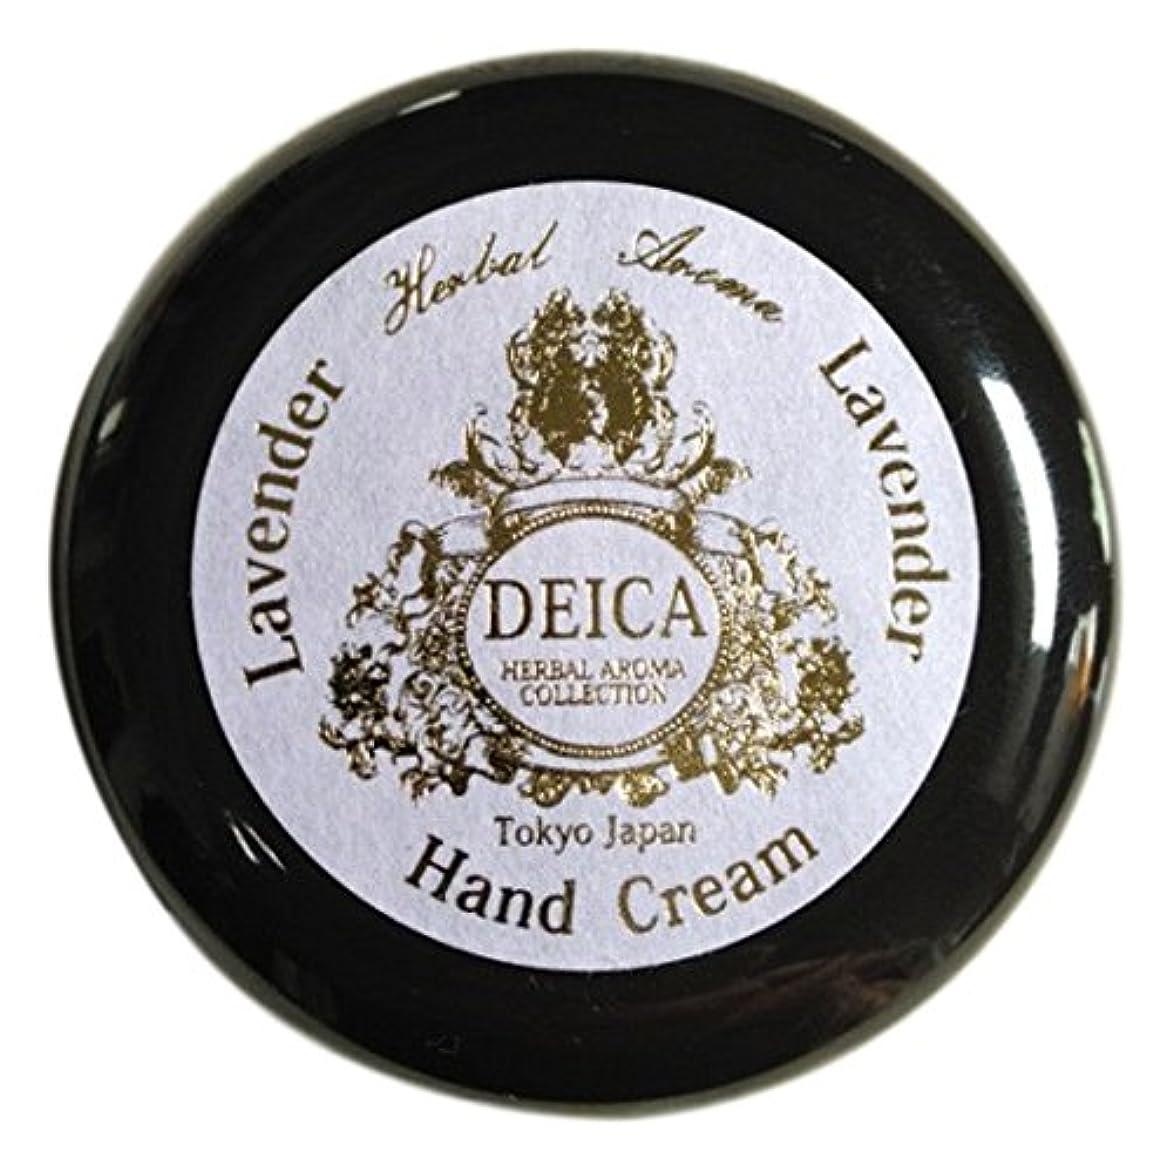 積分先祖私DEICA ハーバルアロマ ハンドクリーム ラベンダー